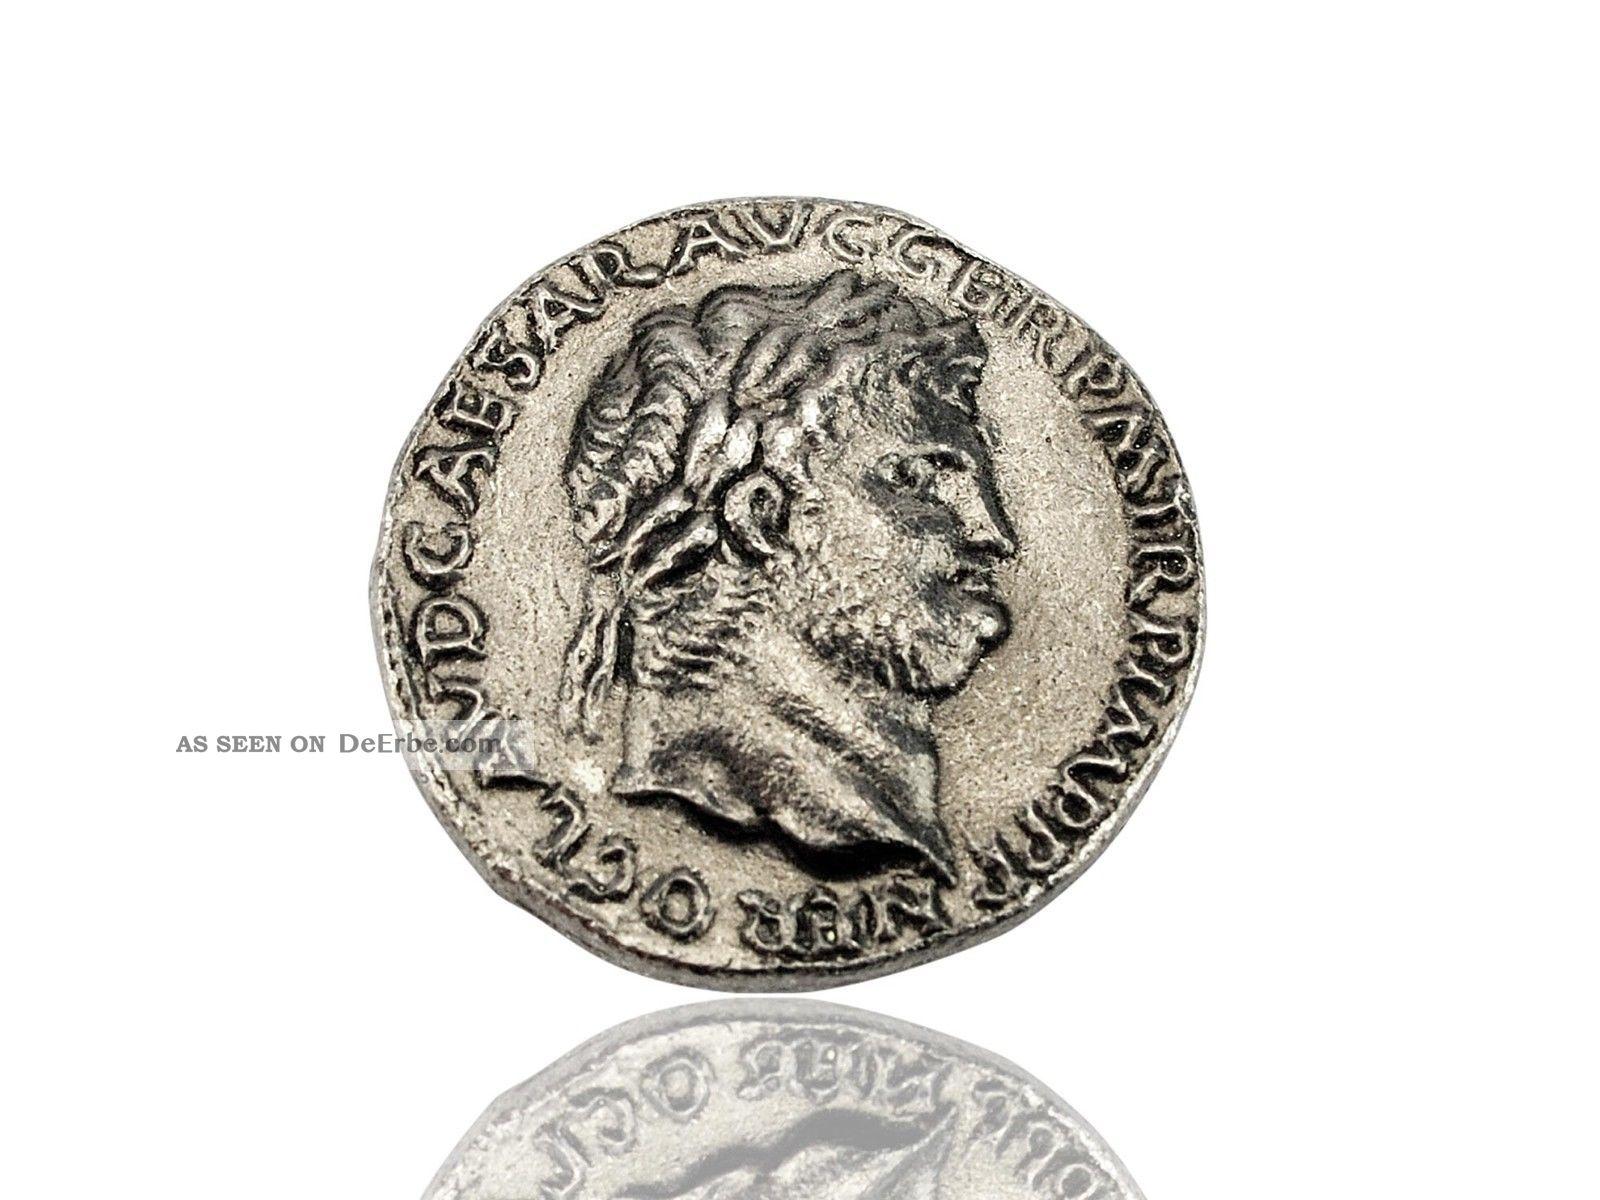 Antike Römische Münze Kaiser Nero - Forum Traiani - Nachbildung Antike Bild